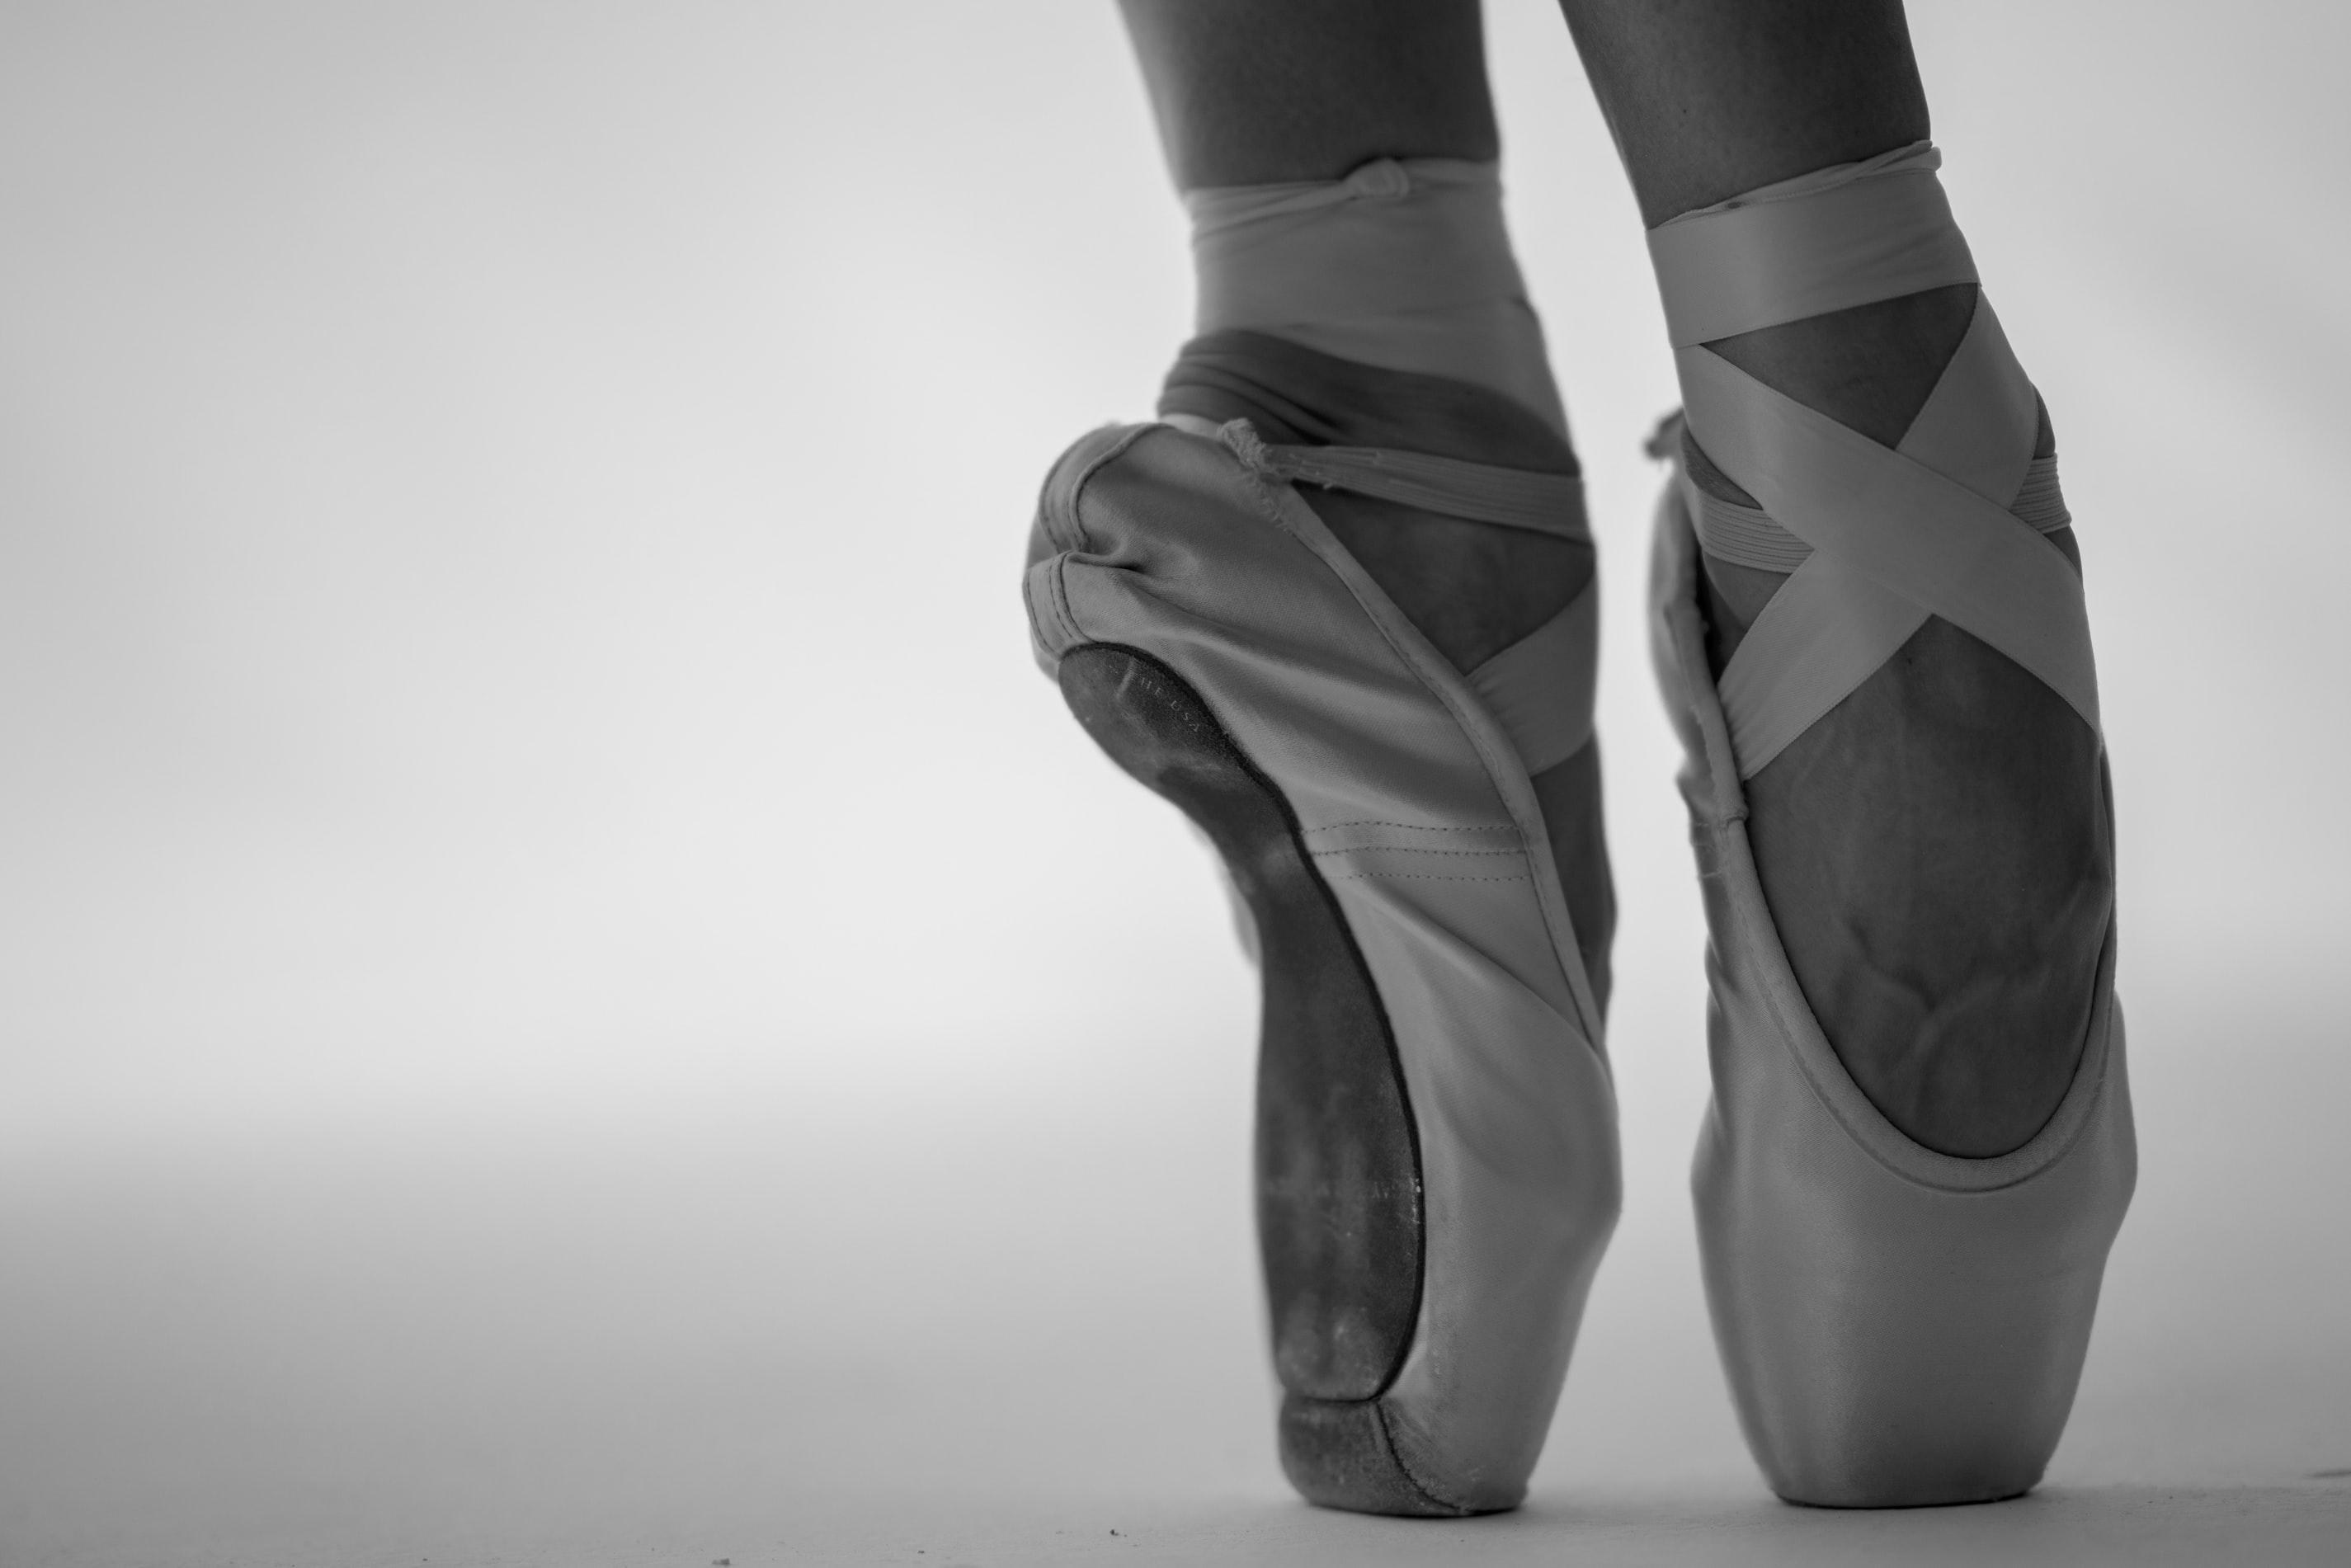 足,匂い,臭い,ダンサー,解決,LION,Ban,汗ブロック,足用ジェル,ダンスシューズ